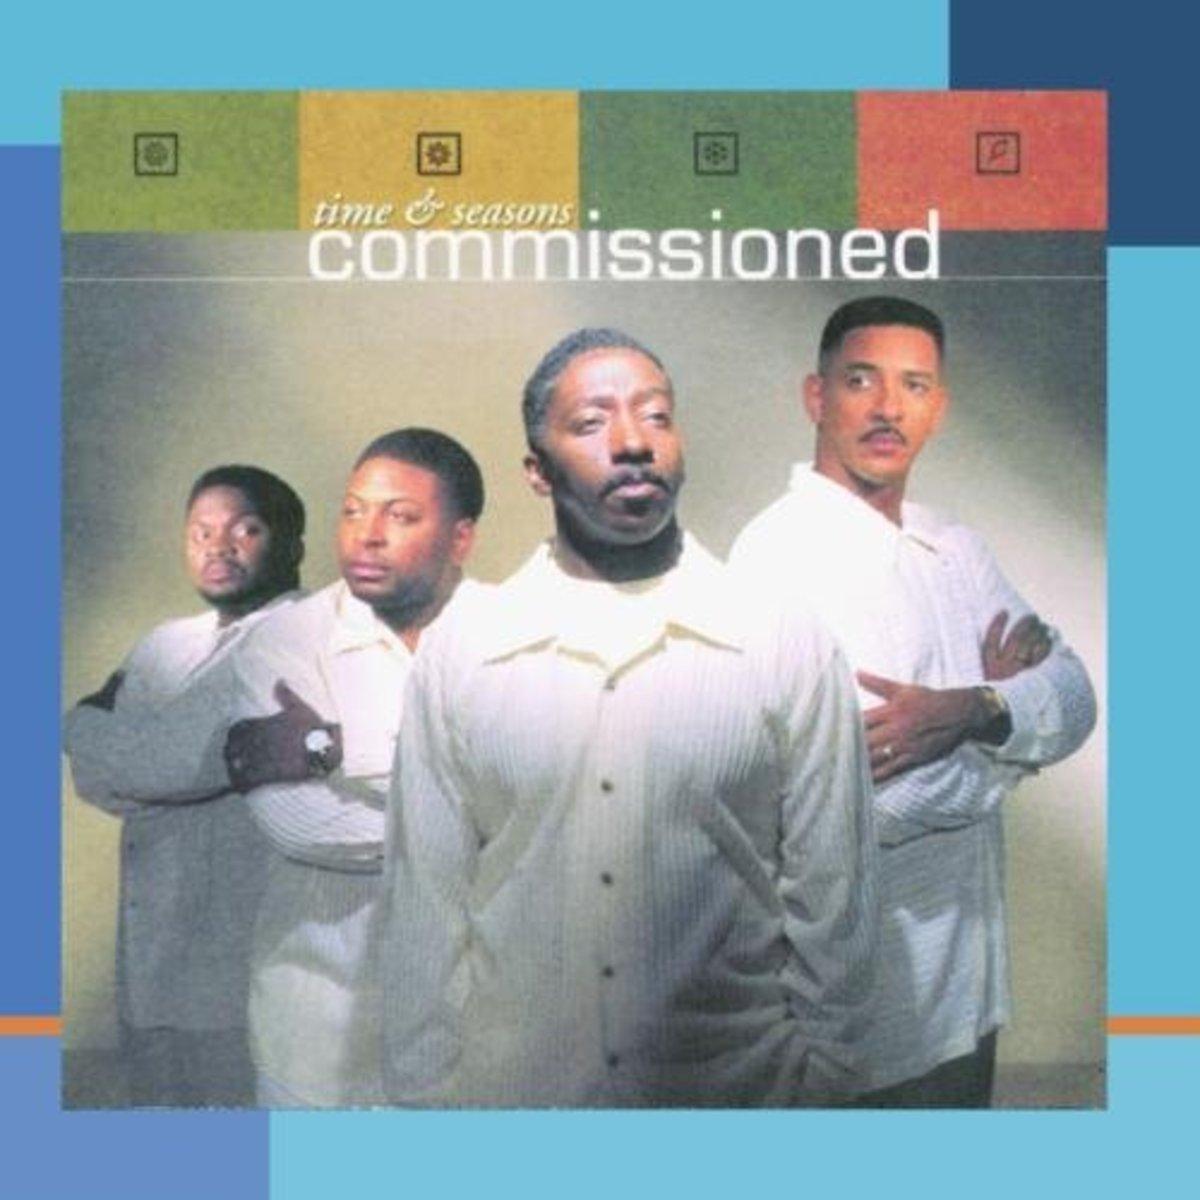 10th album Released: 1999